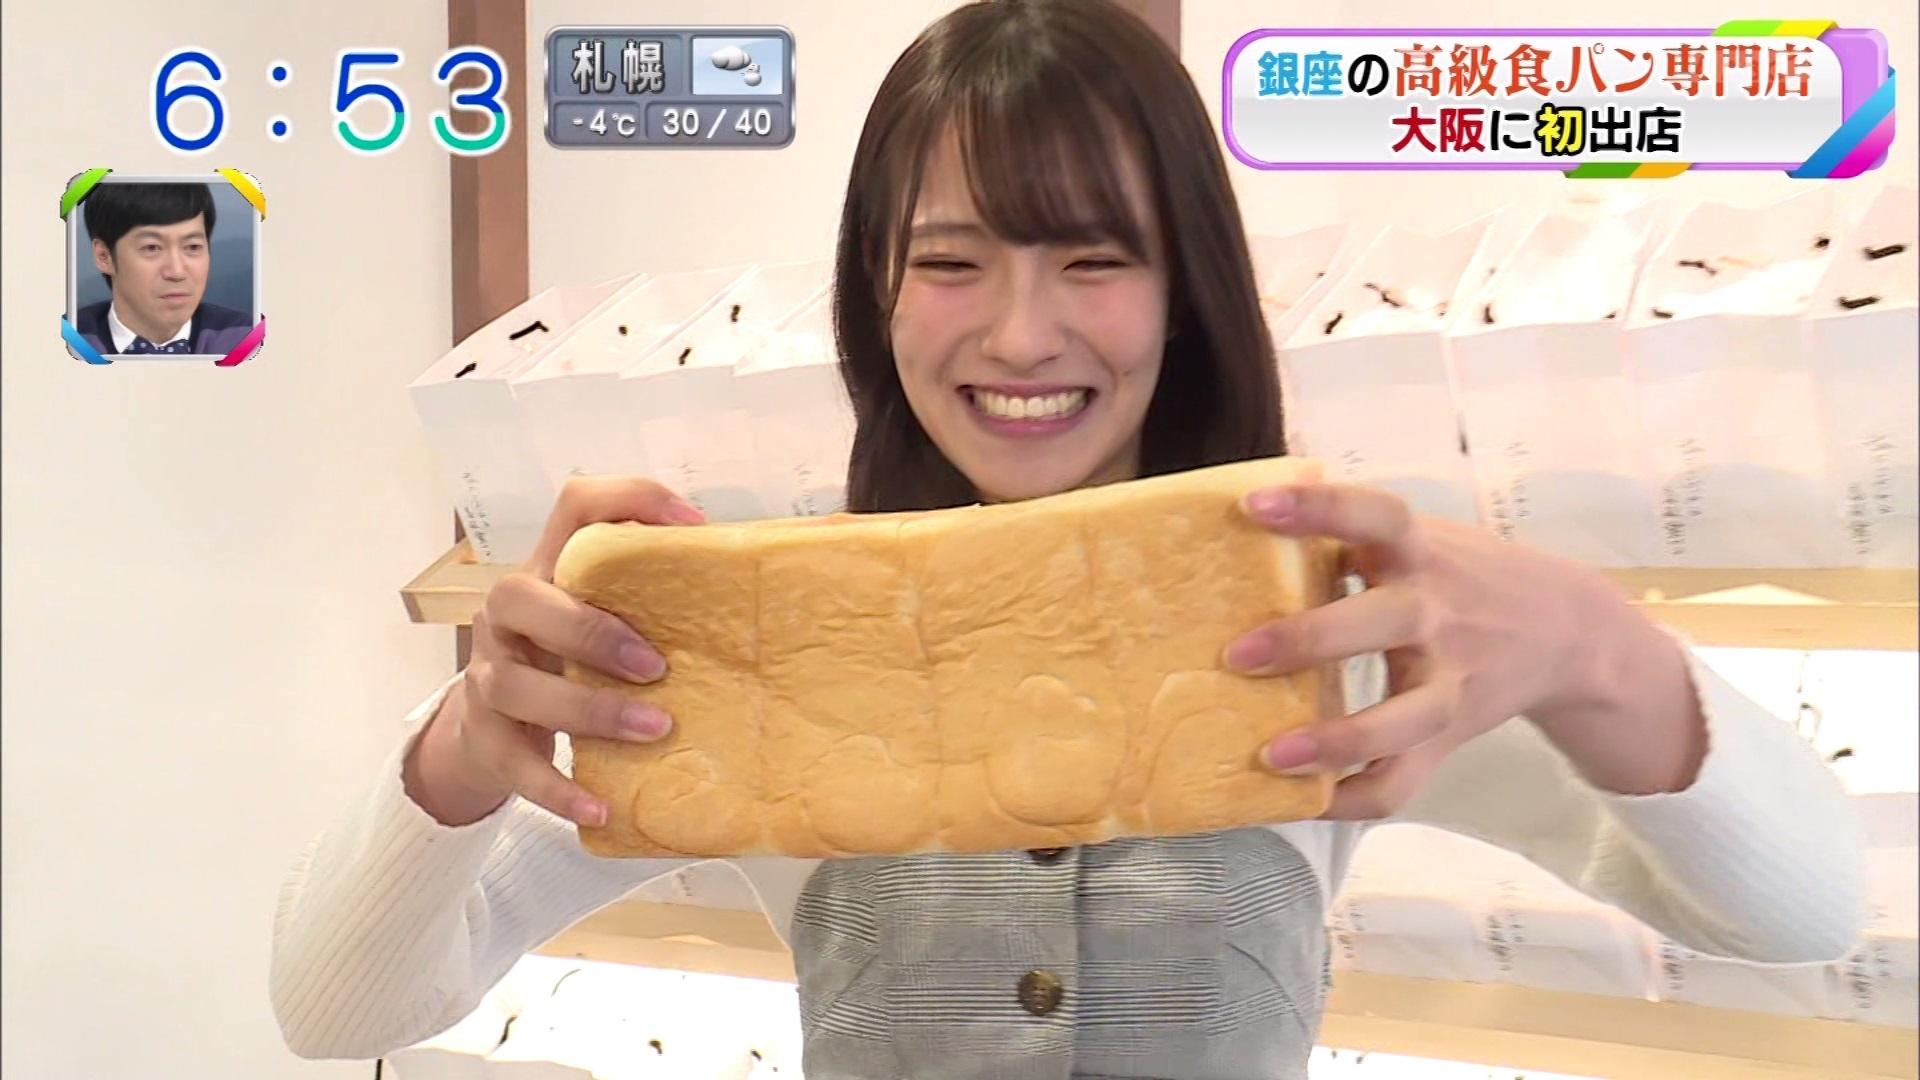 【小嶋花梨】こじりん出演2月7日「おはよう朝日です」。大阪初出店の高級食パンをレポート。